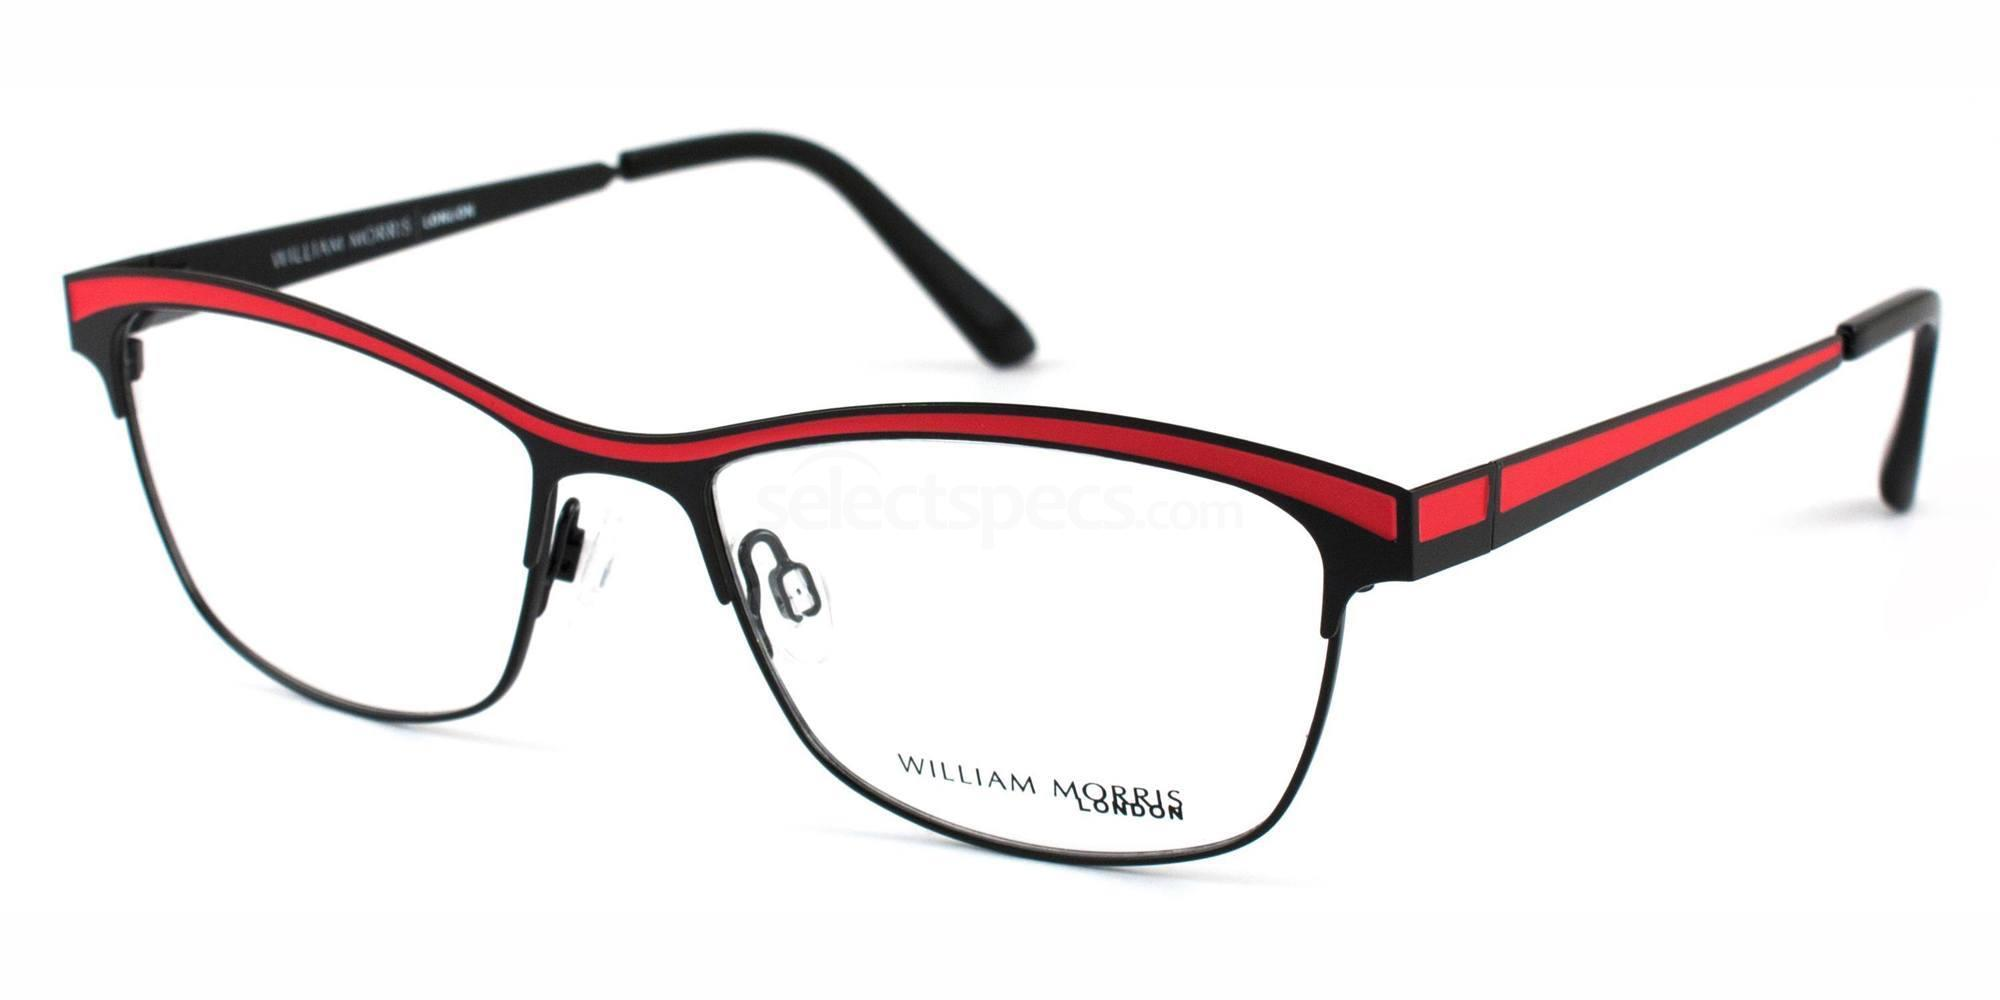 C1 WL4132 Glasses, William Morris London